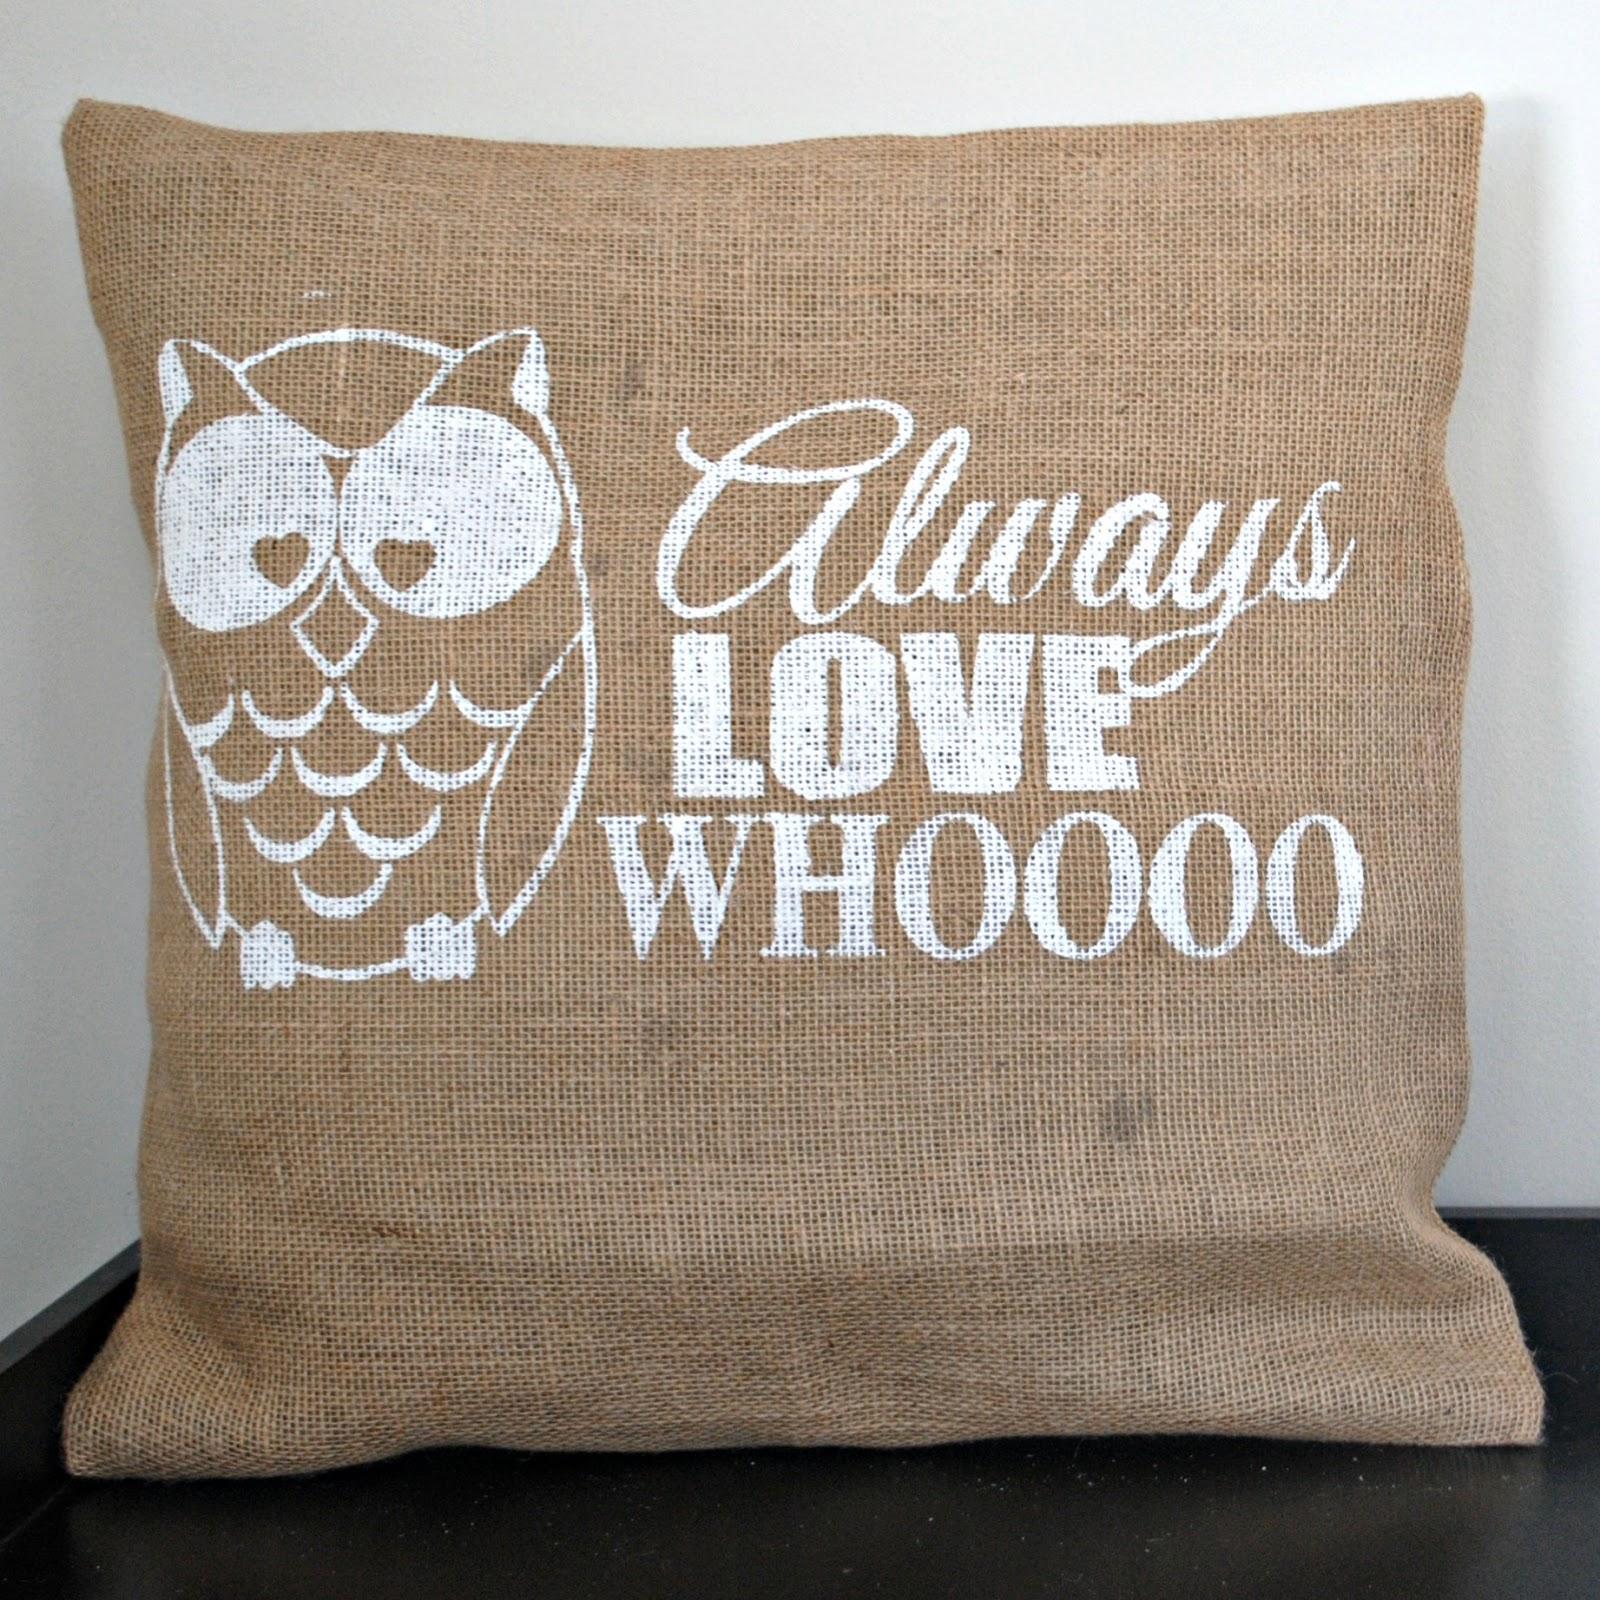 http://silhouetteschool.blogspot.com/2014/01/painted-owl-pillow-cover.html